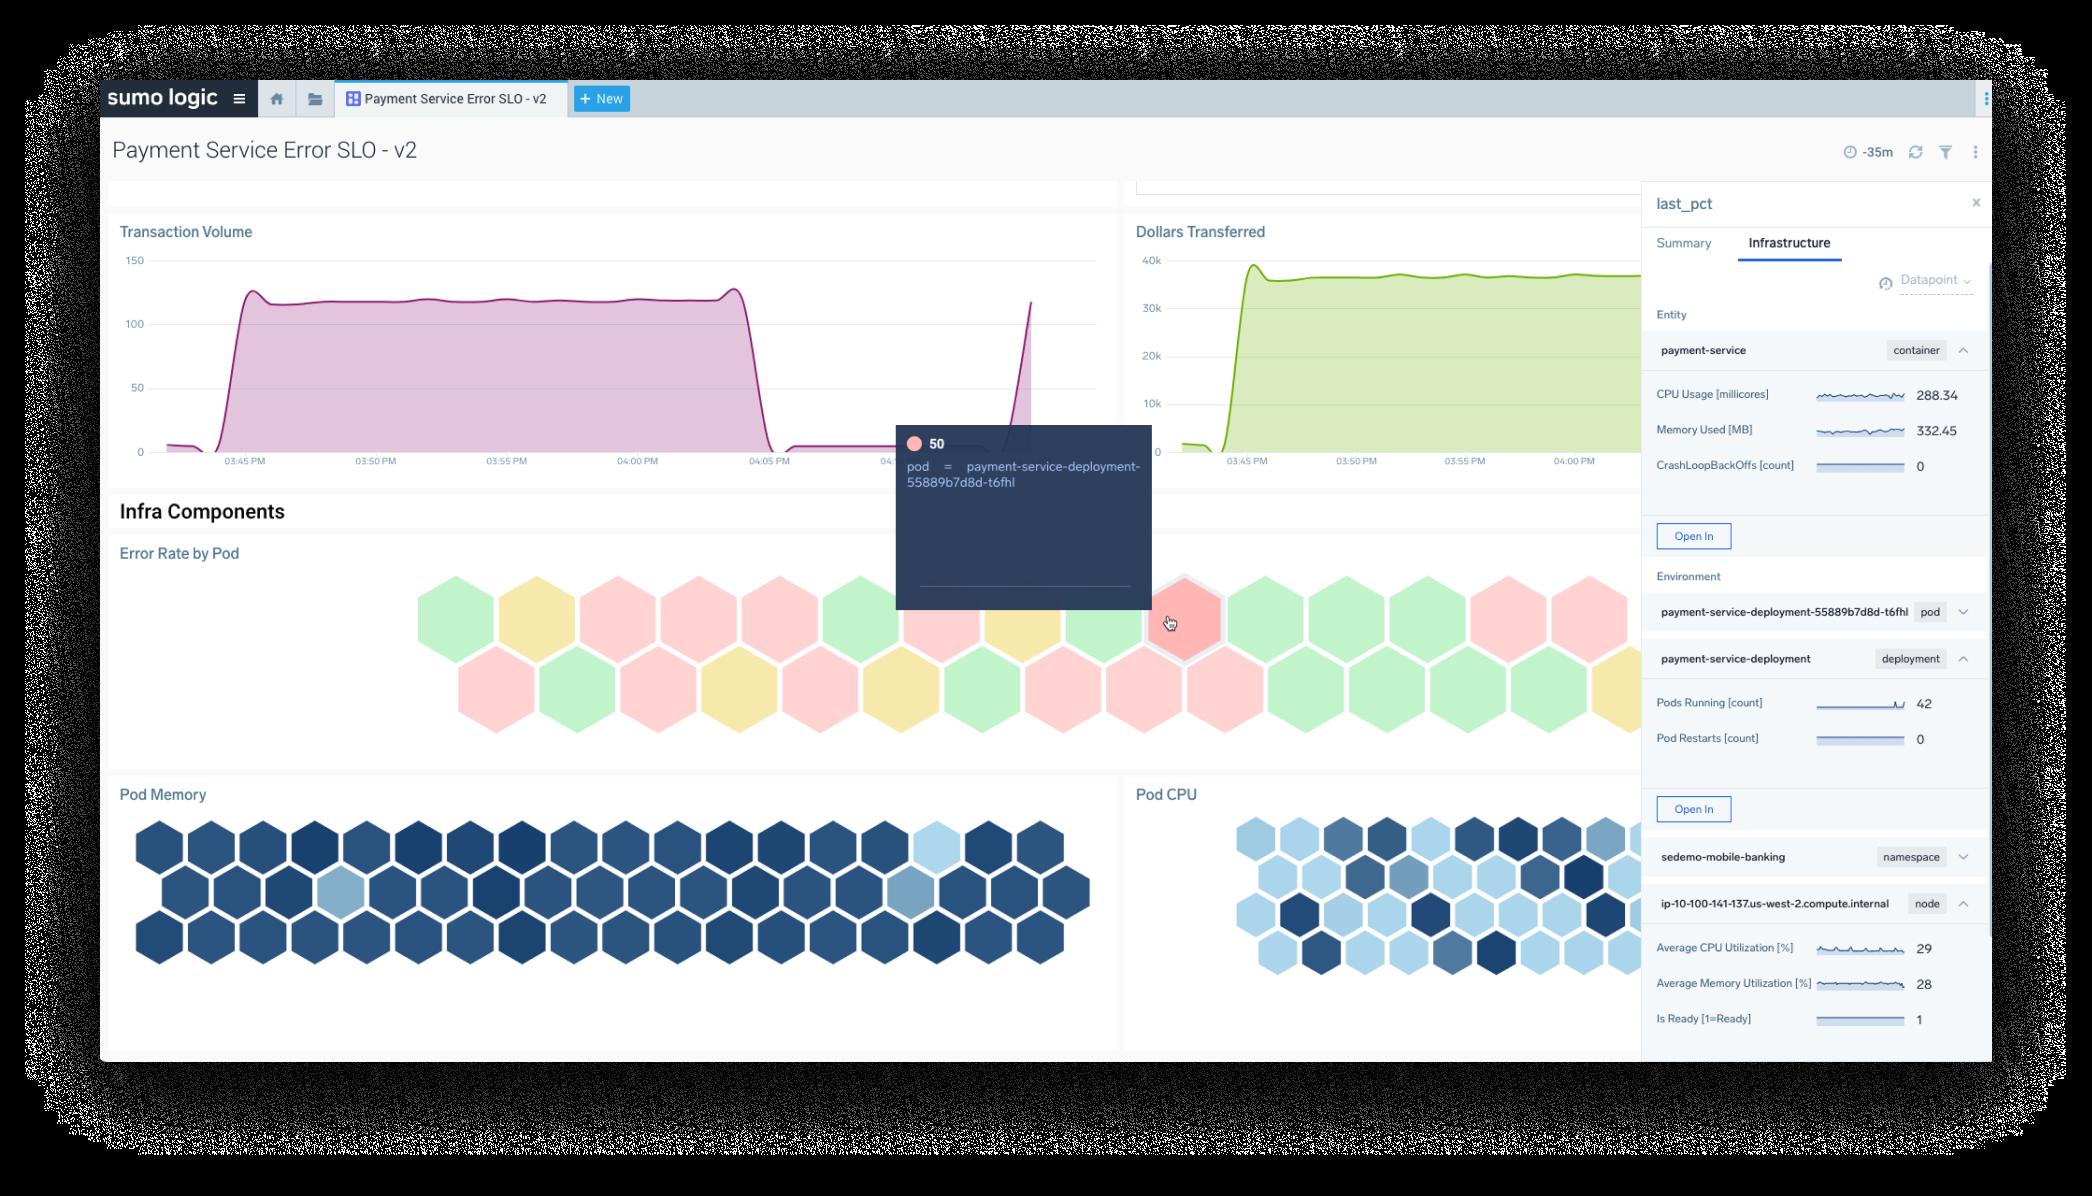 Entity-driven workflows